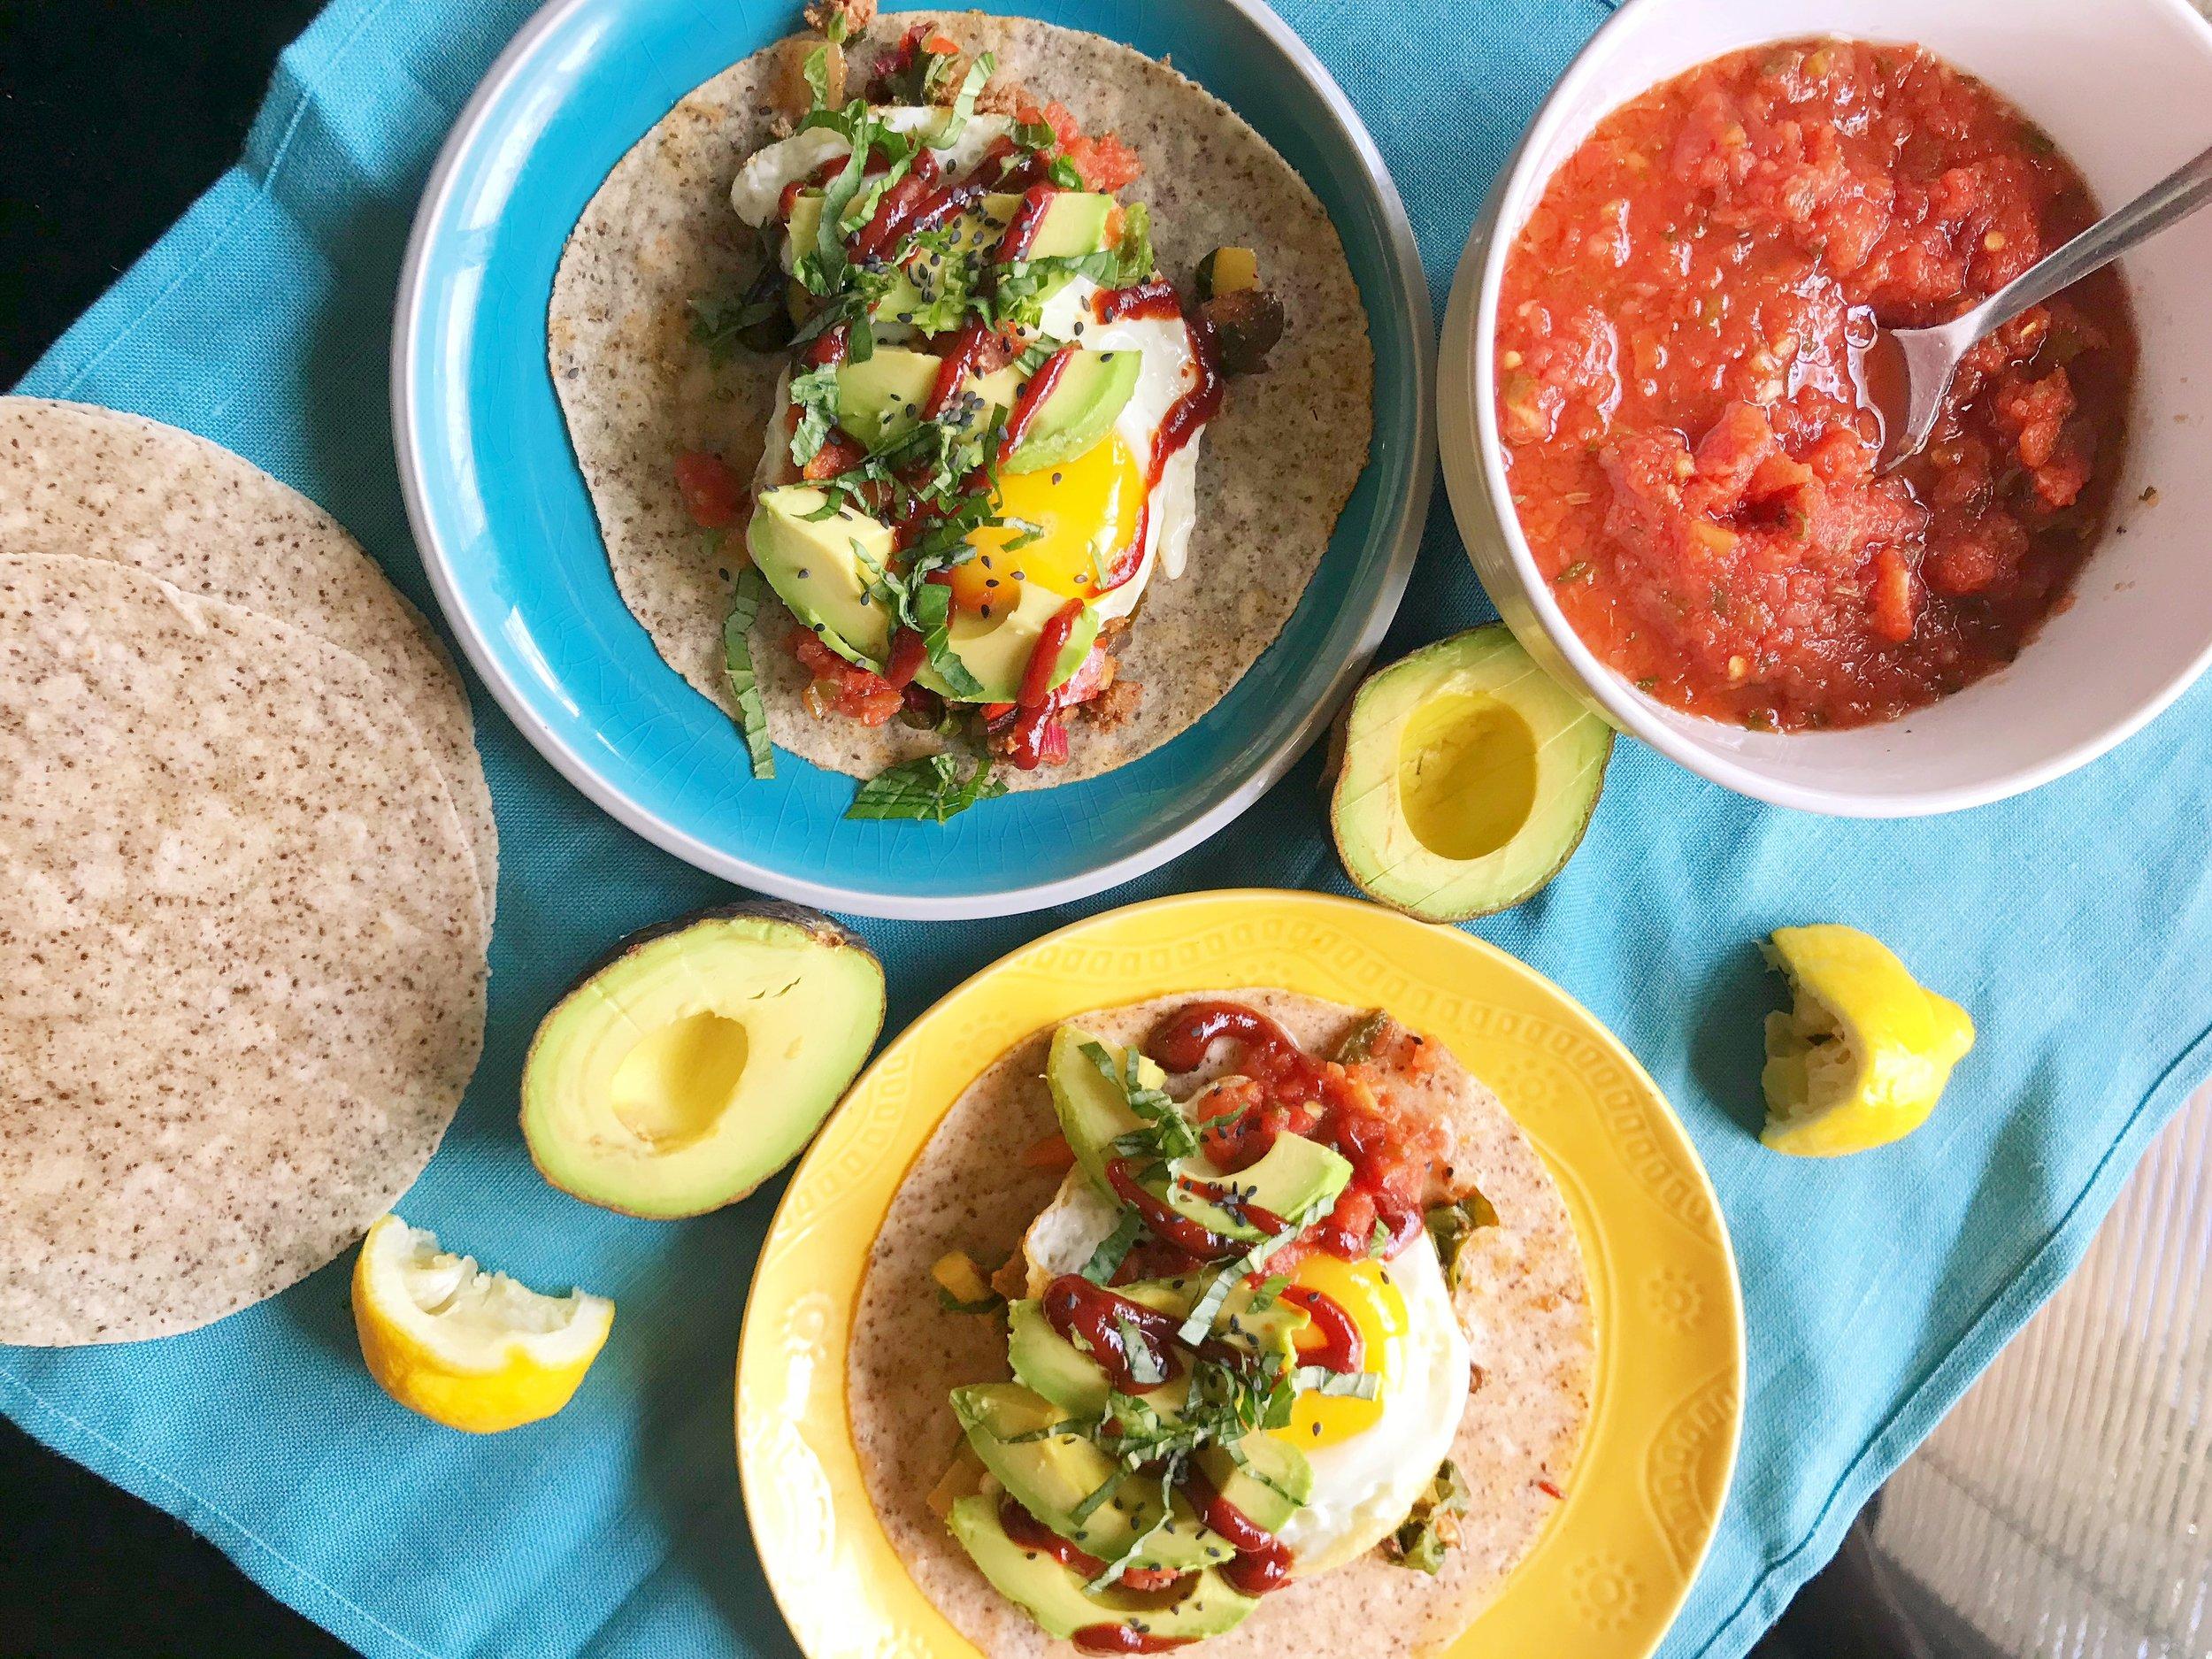 How to make paleo tacos